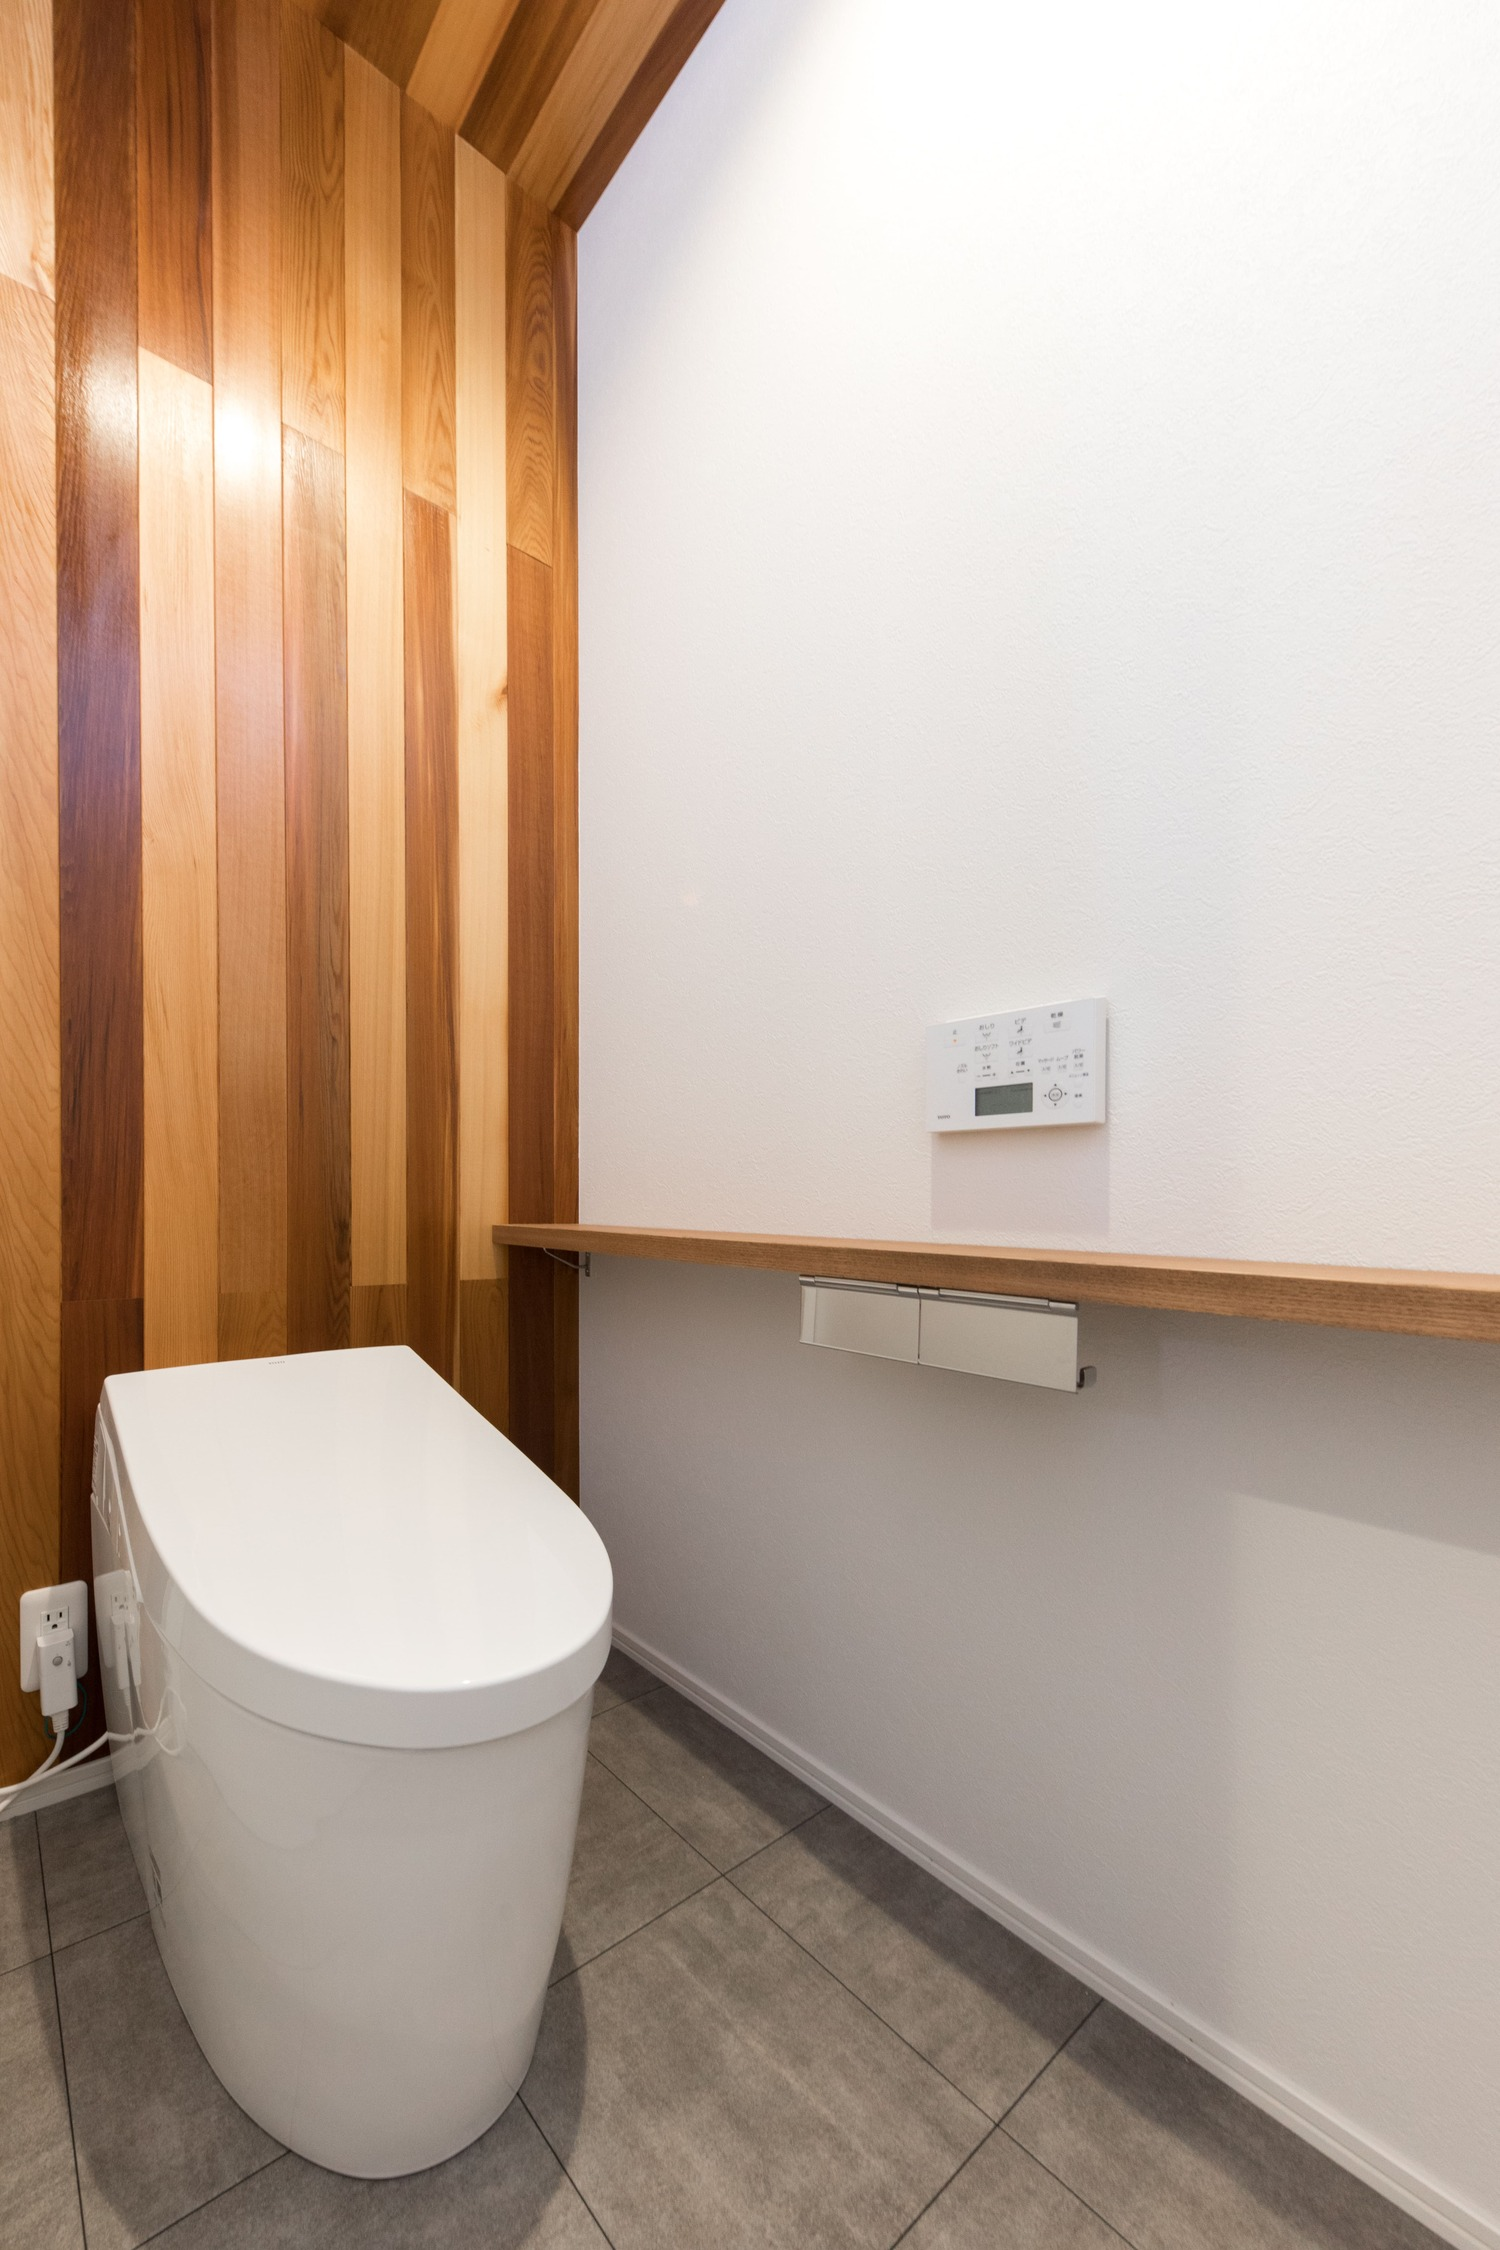 ワンズホーム【デザイン住宅、ペット、平屋】シンプルでありながら、木のぬくもりを感じられるトイレ